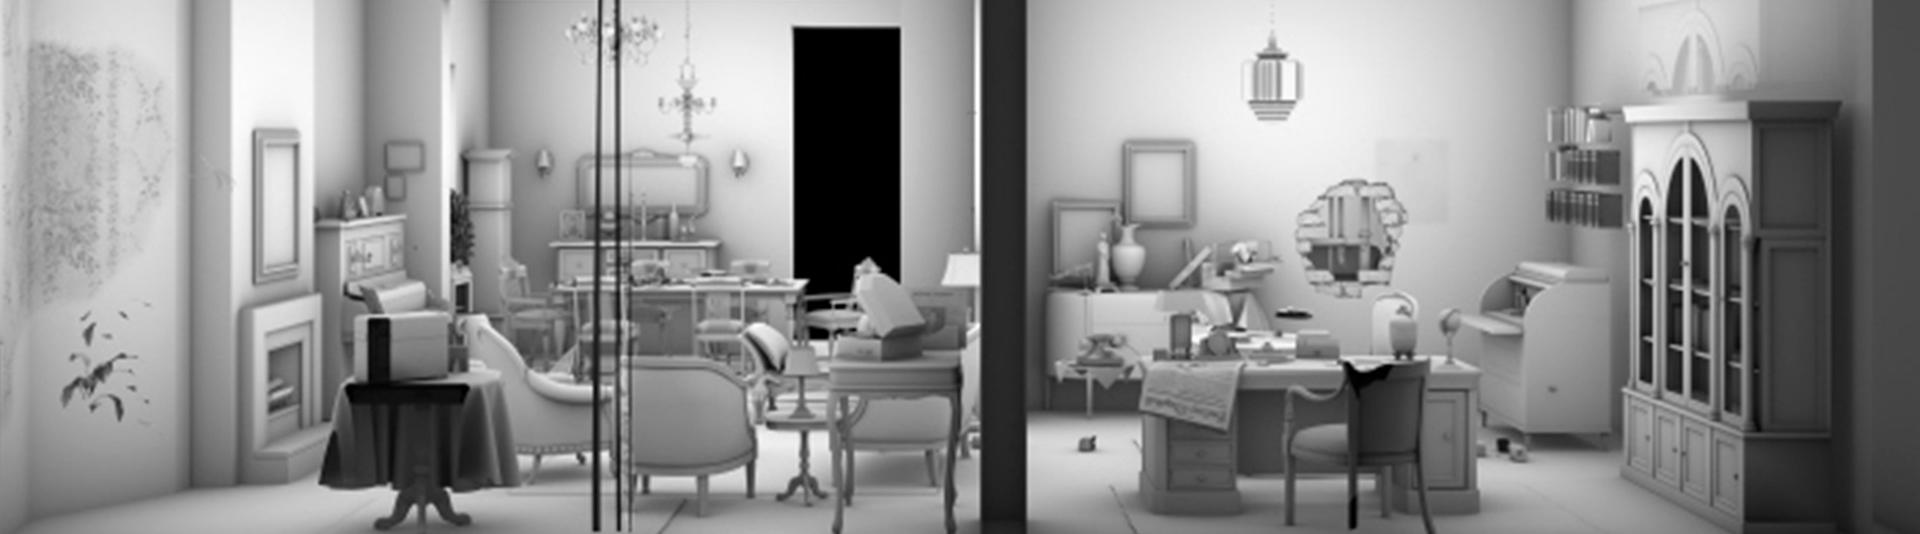 Blick in das Modell eines Wohnzimmers